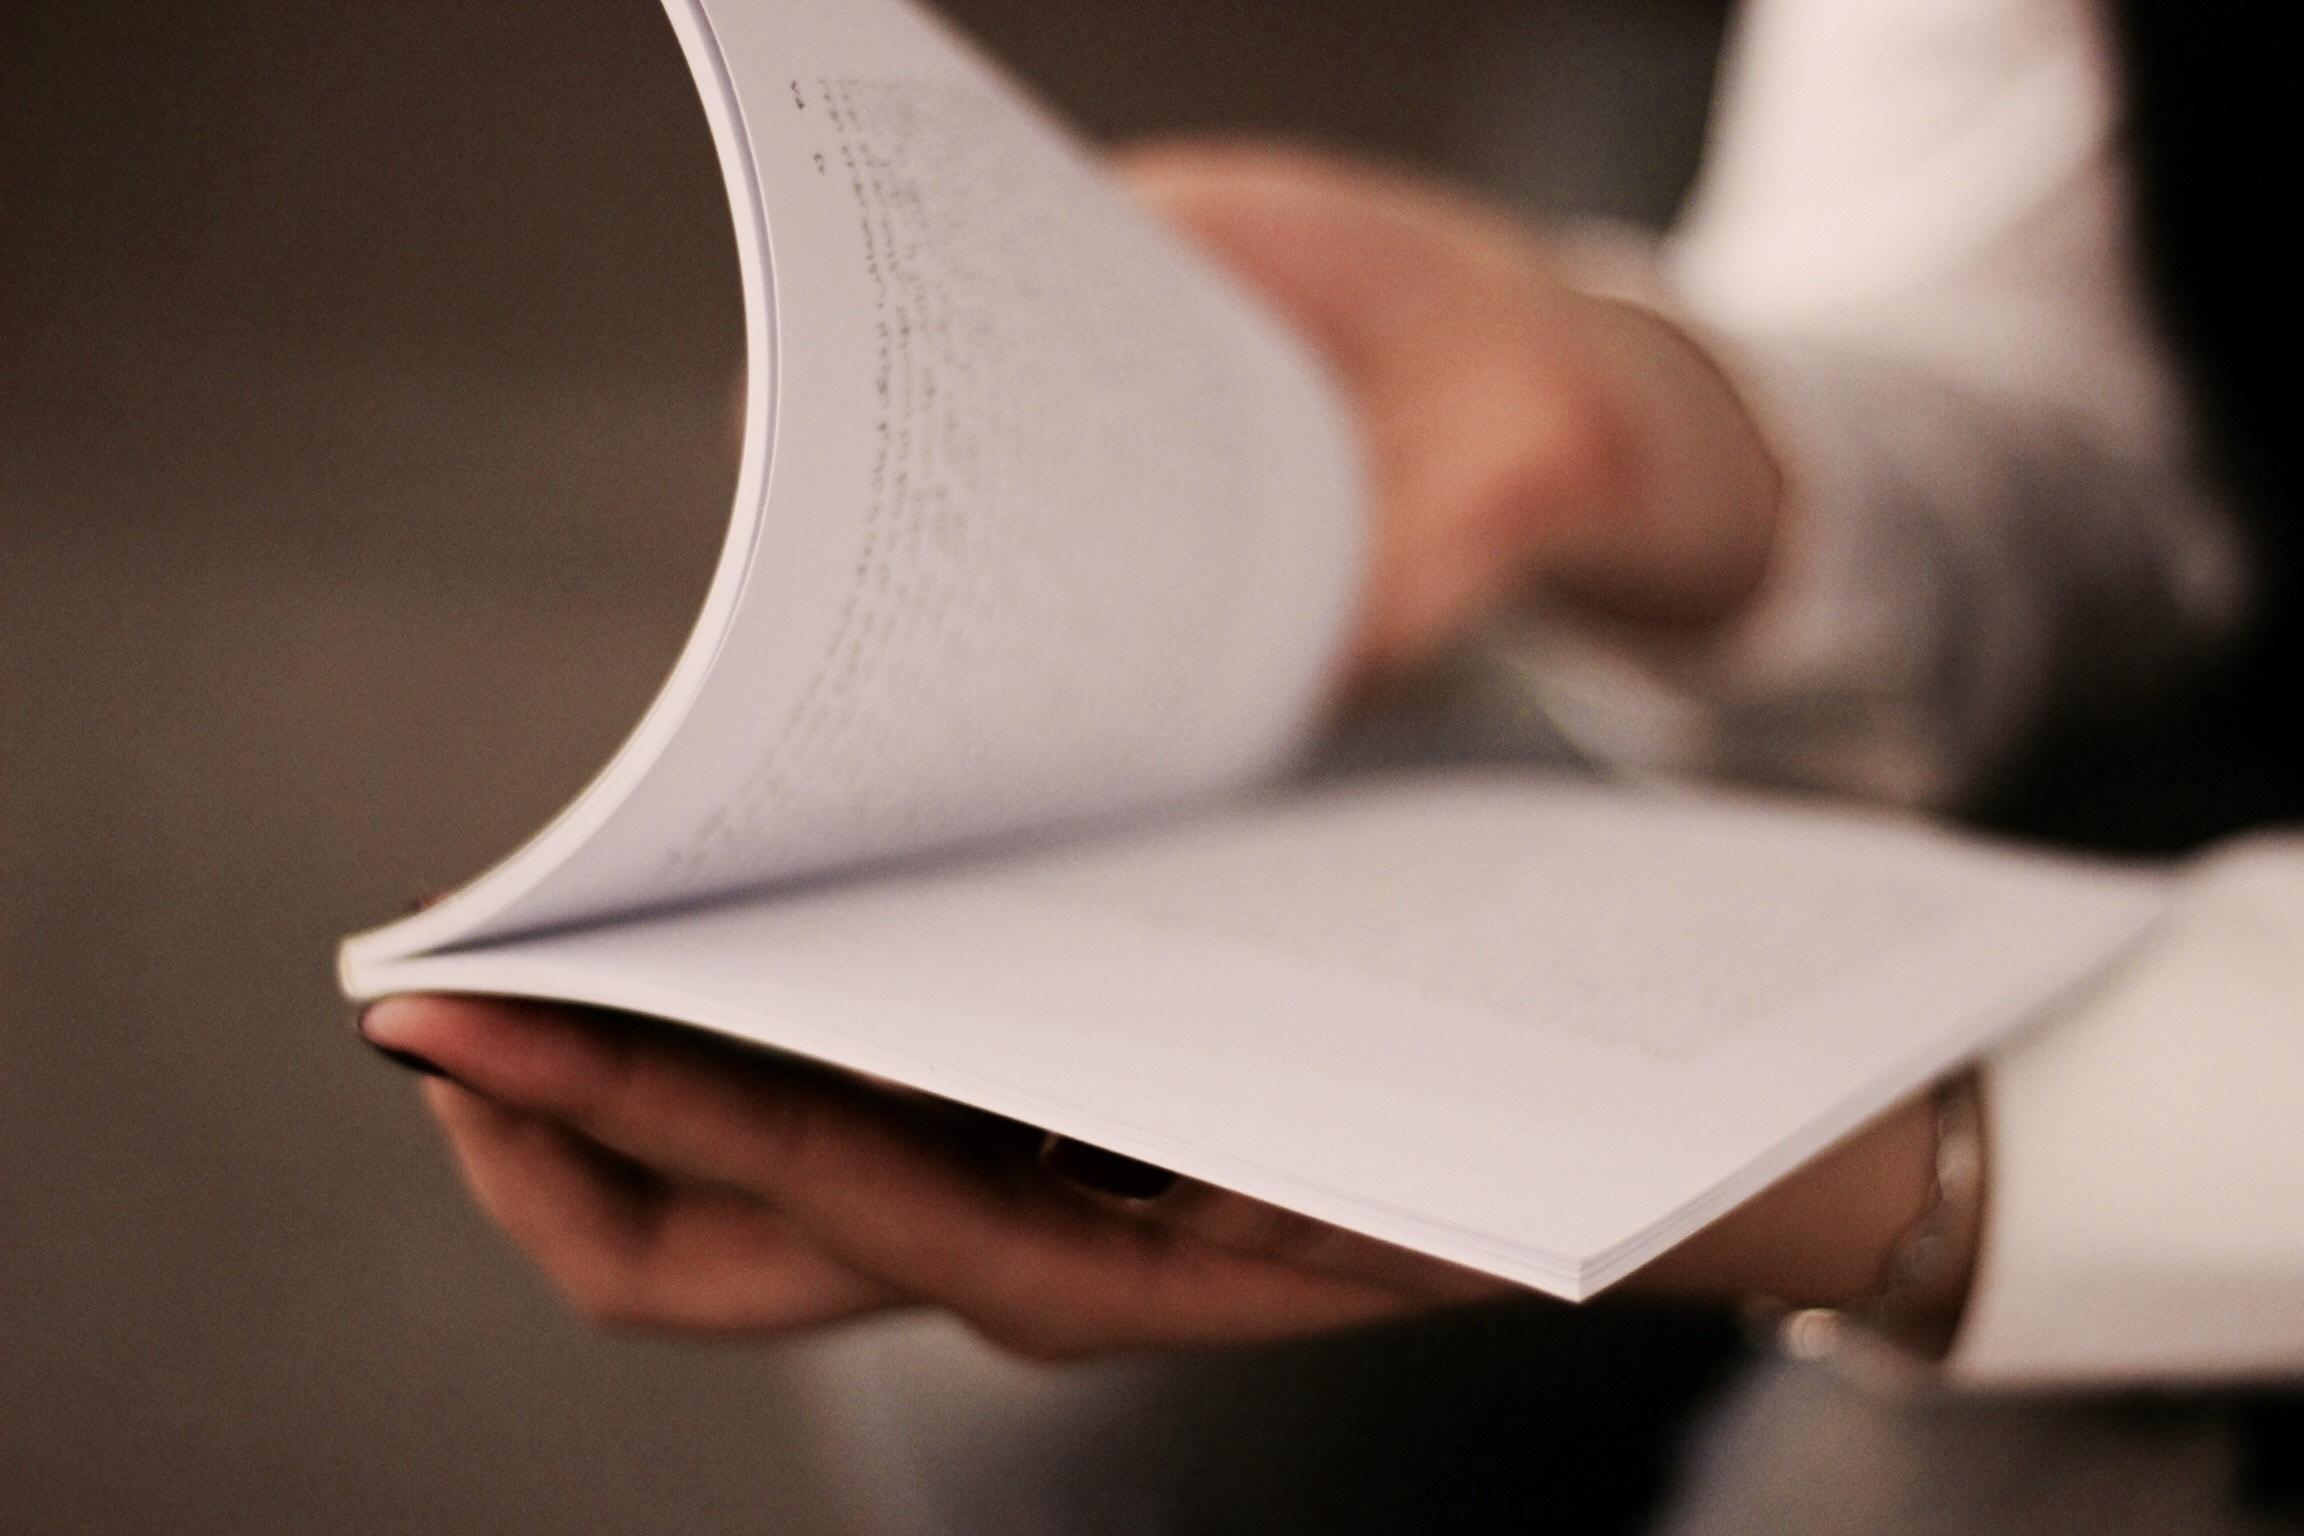 Налоговое резидентство иностранного контрагента можно подтвердить документом без апостиля